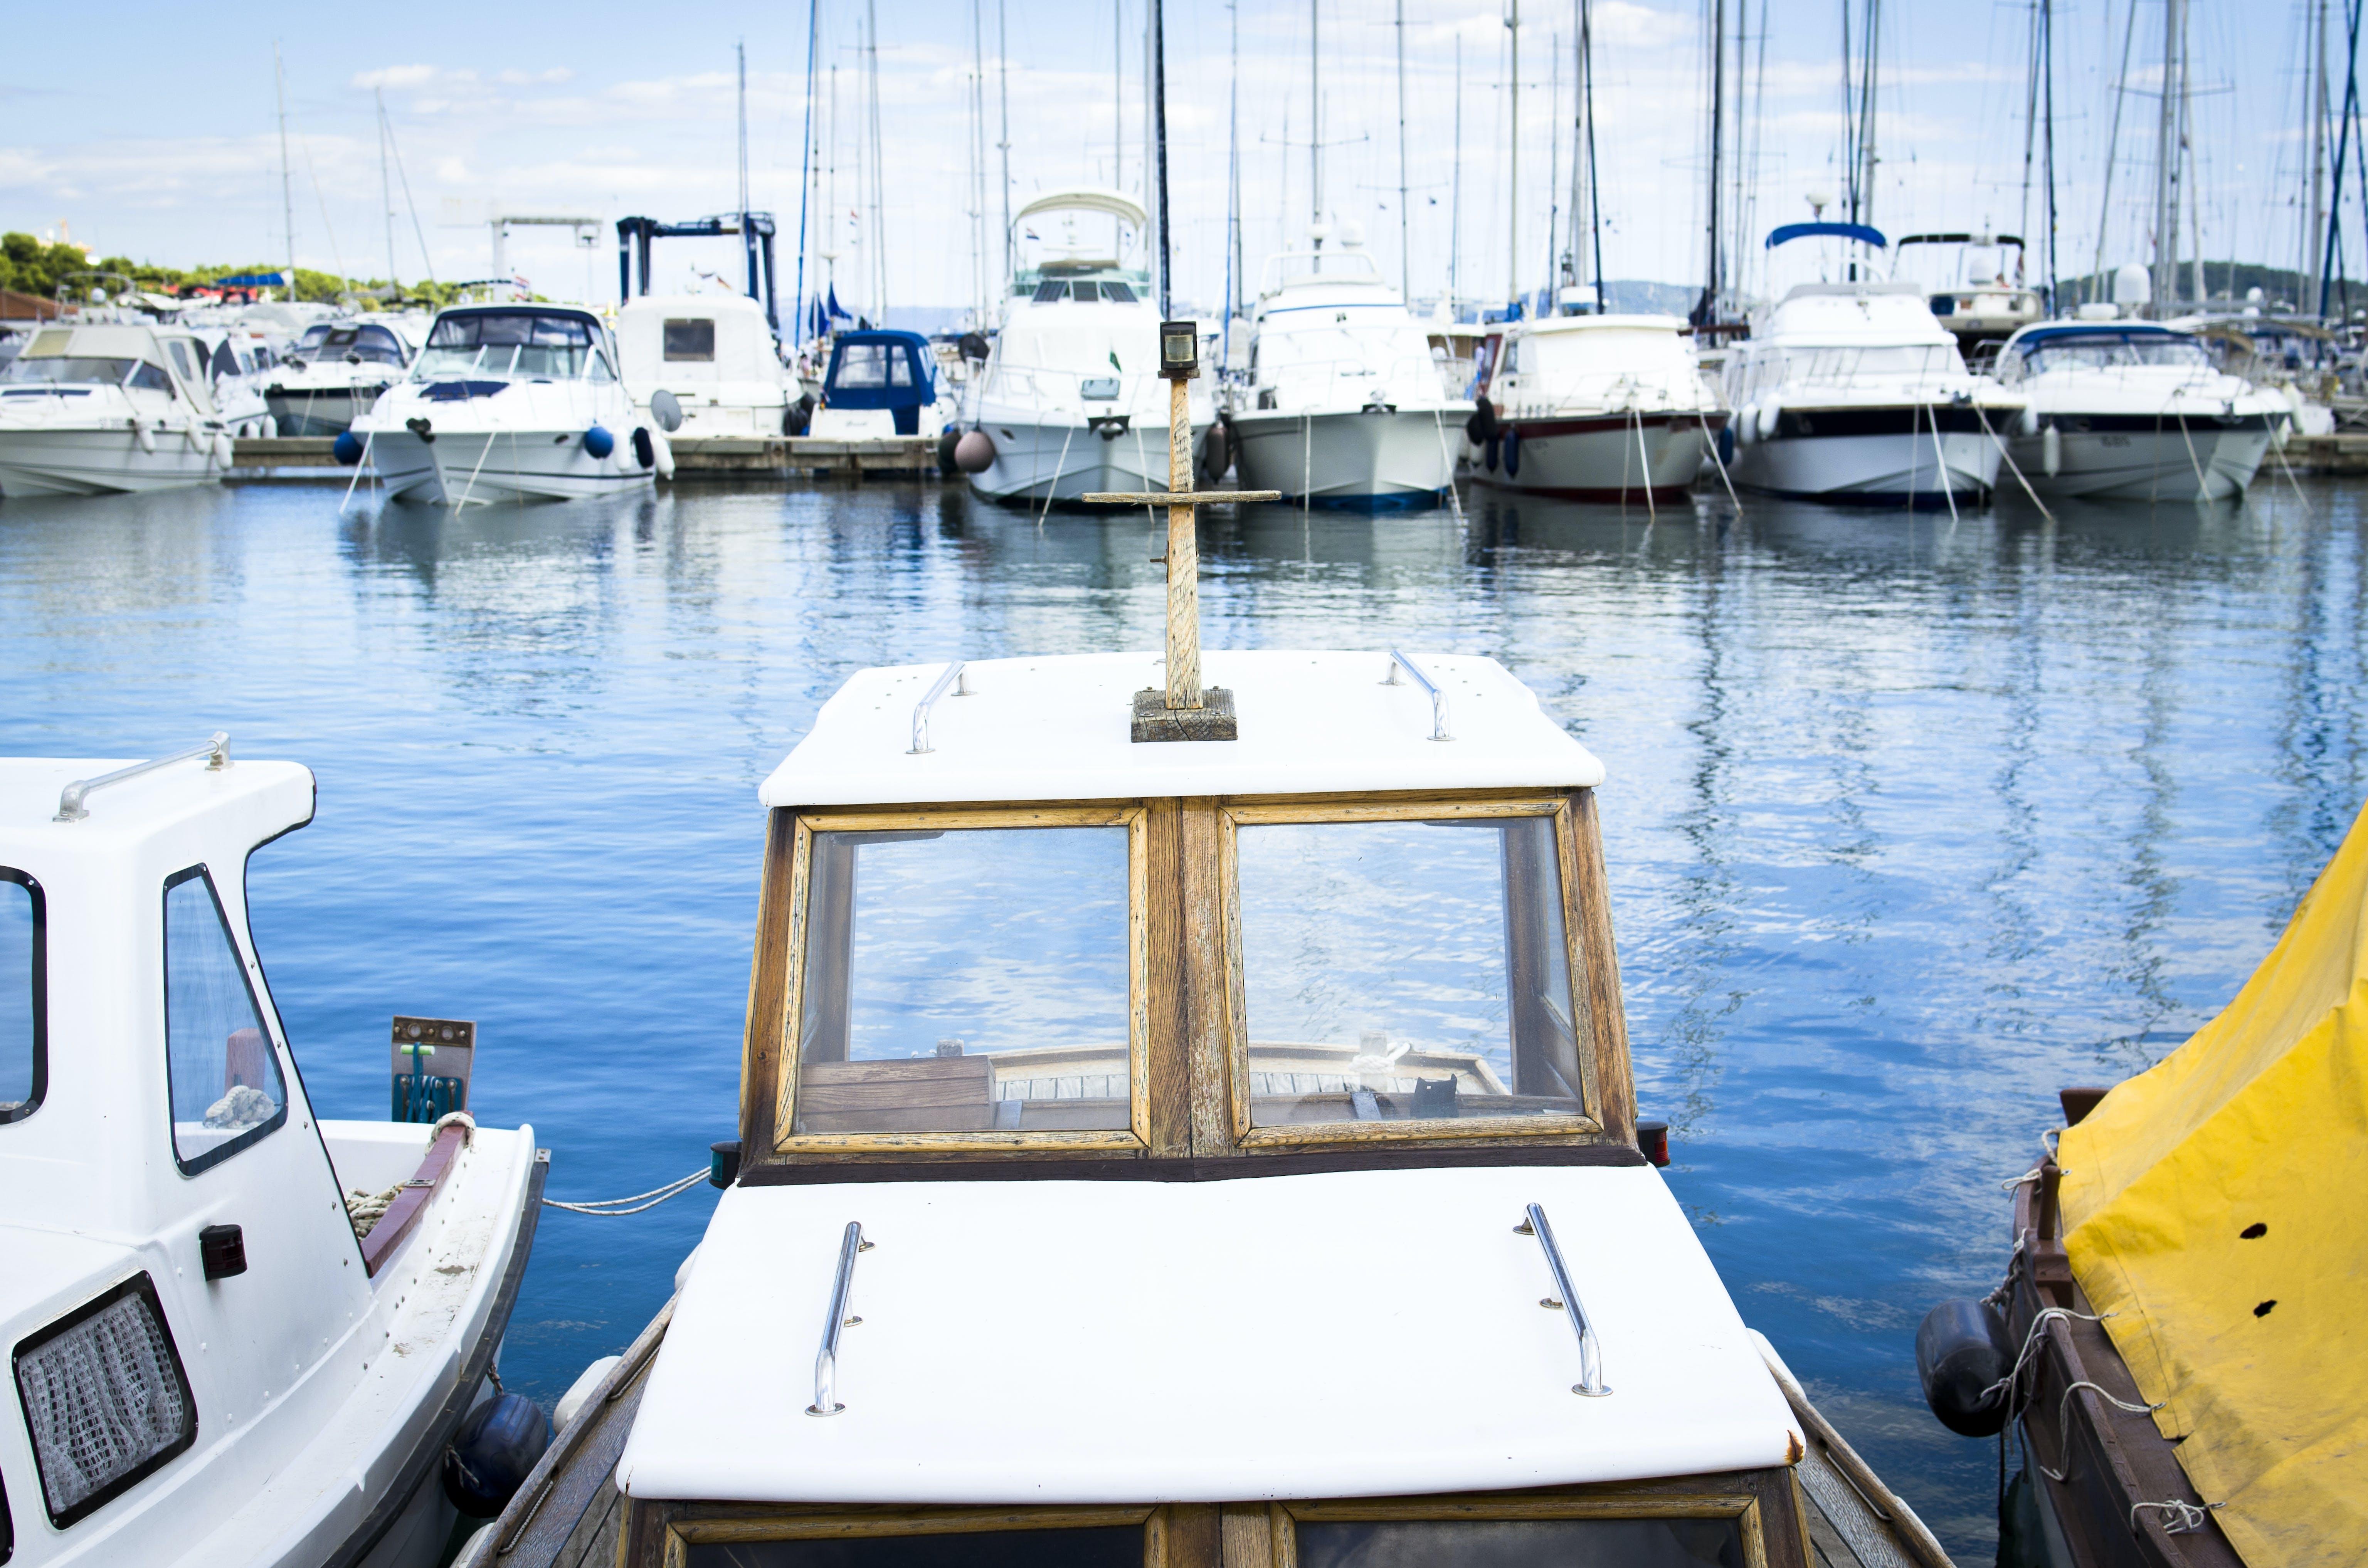 Foto d'estoc gratuïta de aigua, badia, barques, blau